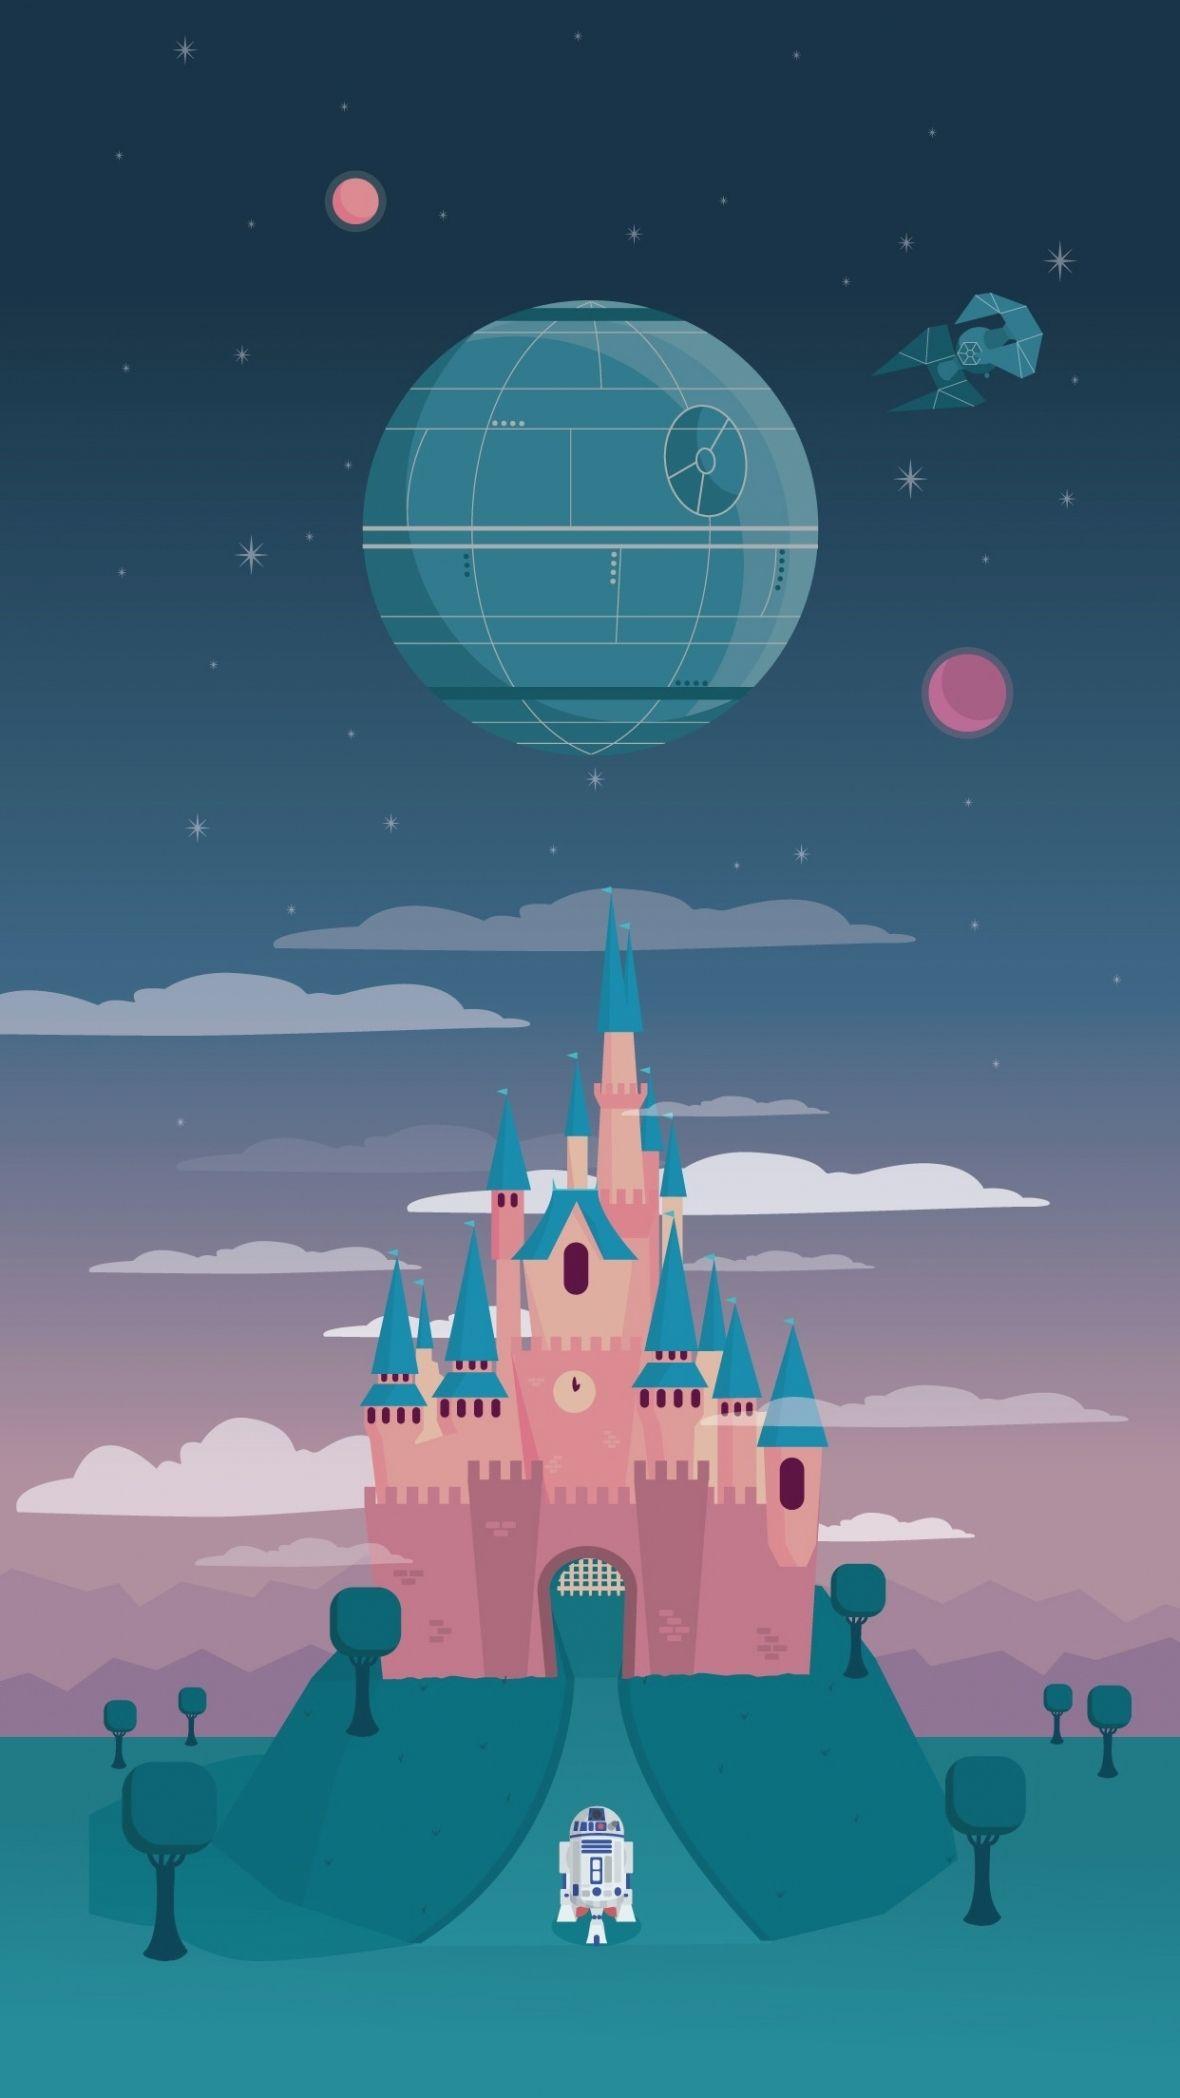 Image Result For Tumblr Disney Papel De Parede Star Wars Papel De Parede Detelefone Disney Papel De Parede Da Disney